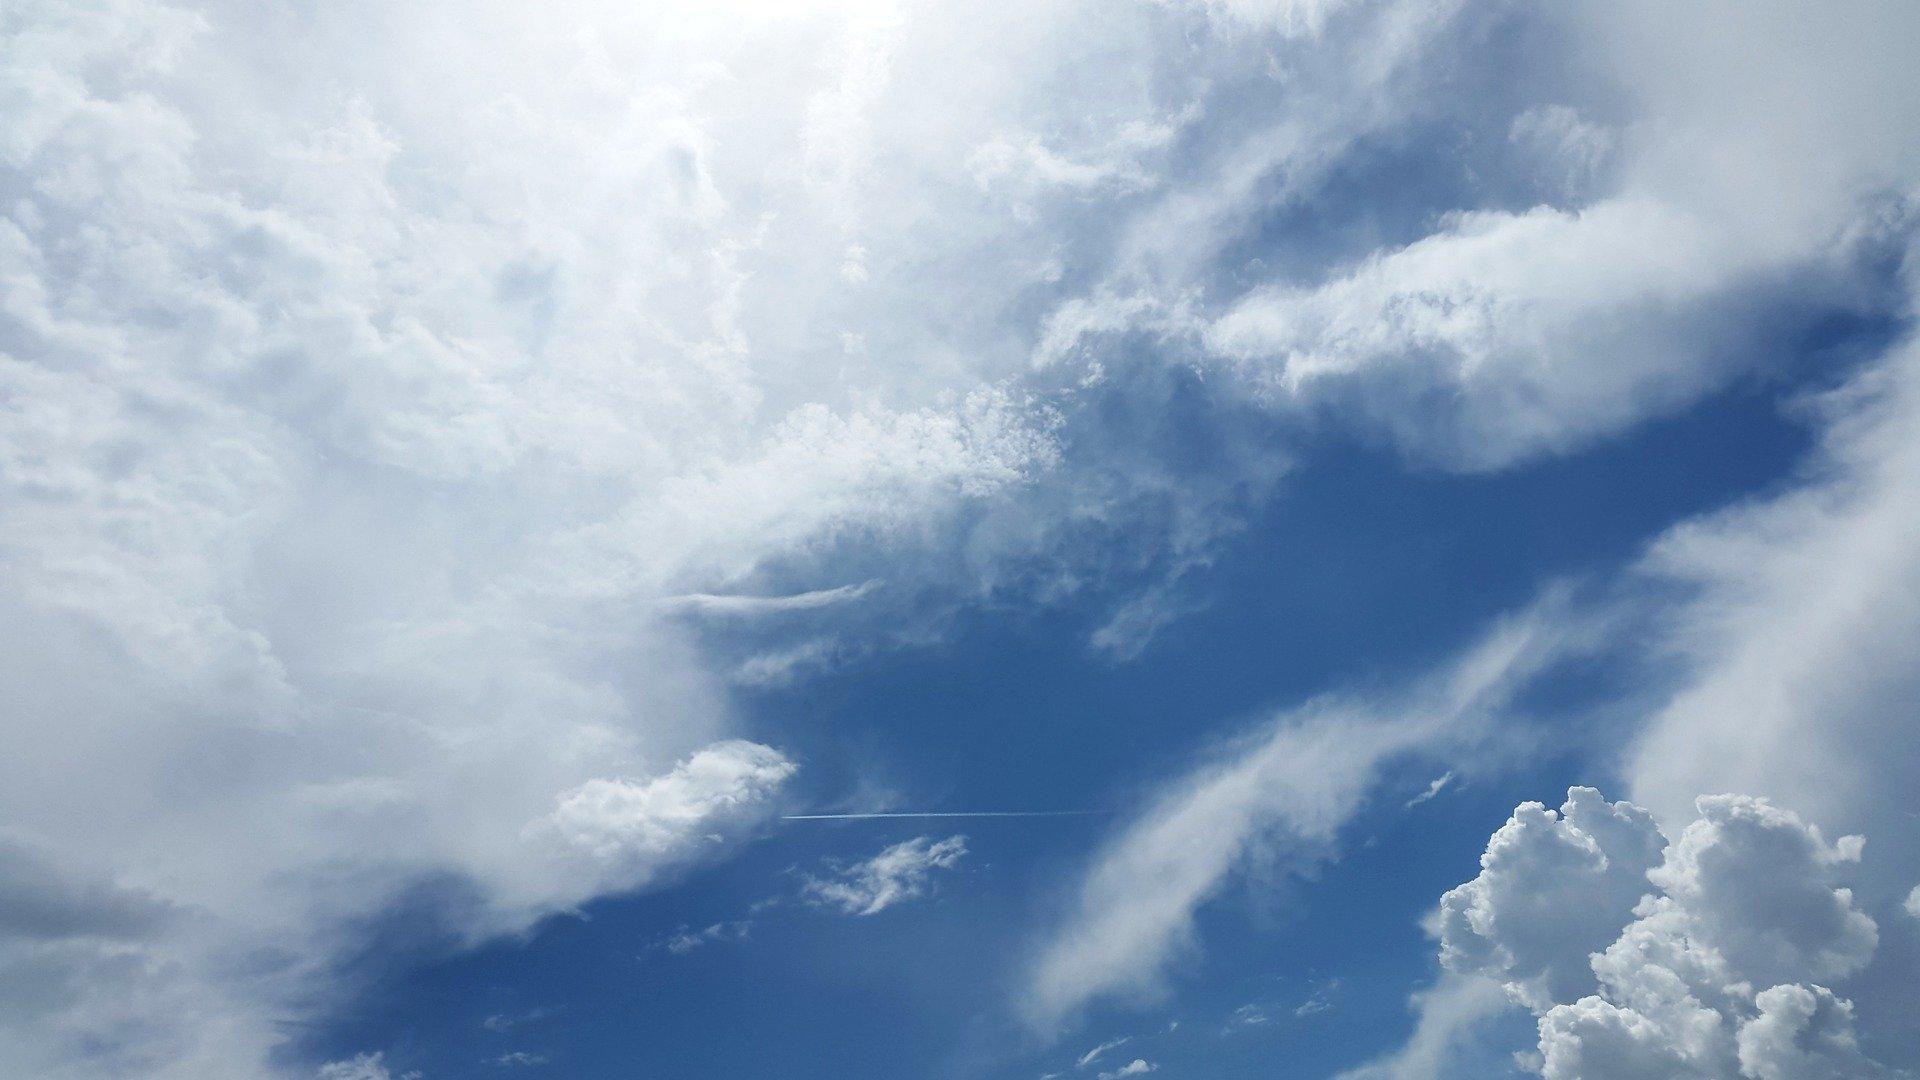 Risiko-Analyse Befugnisse Luftverschmutzung Lösungen